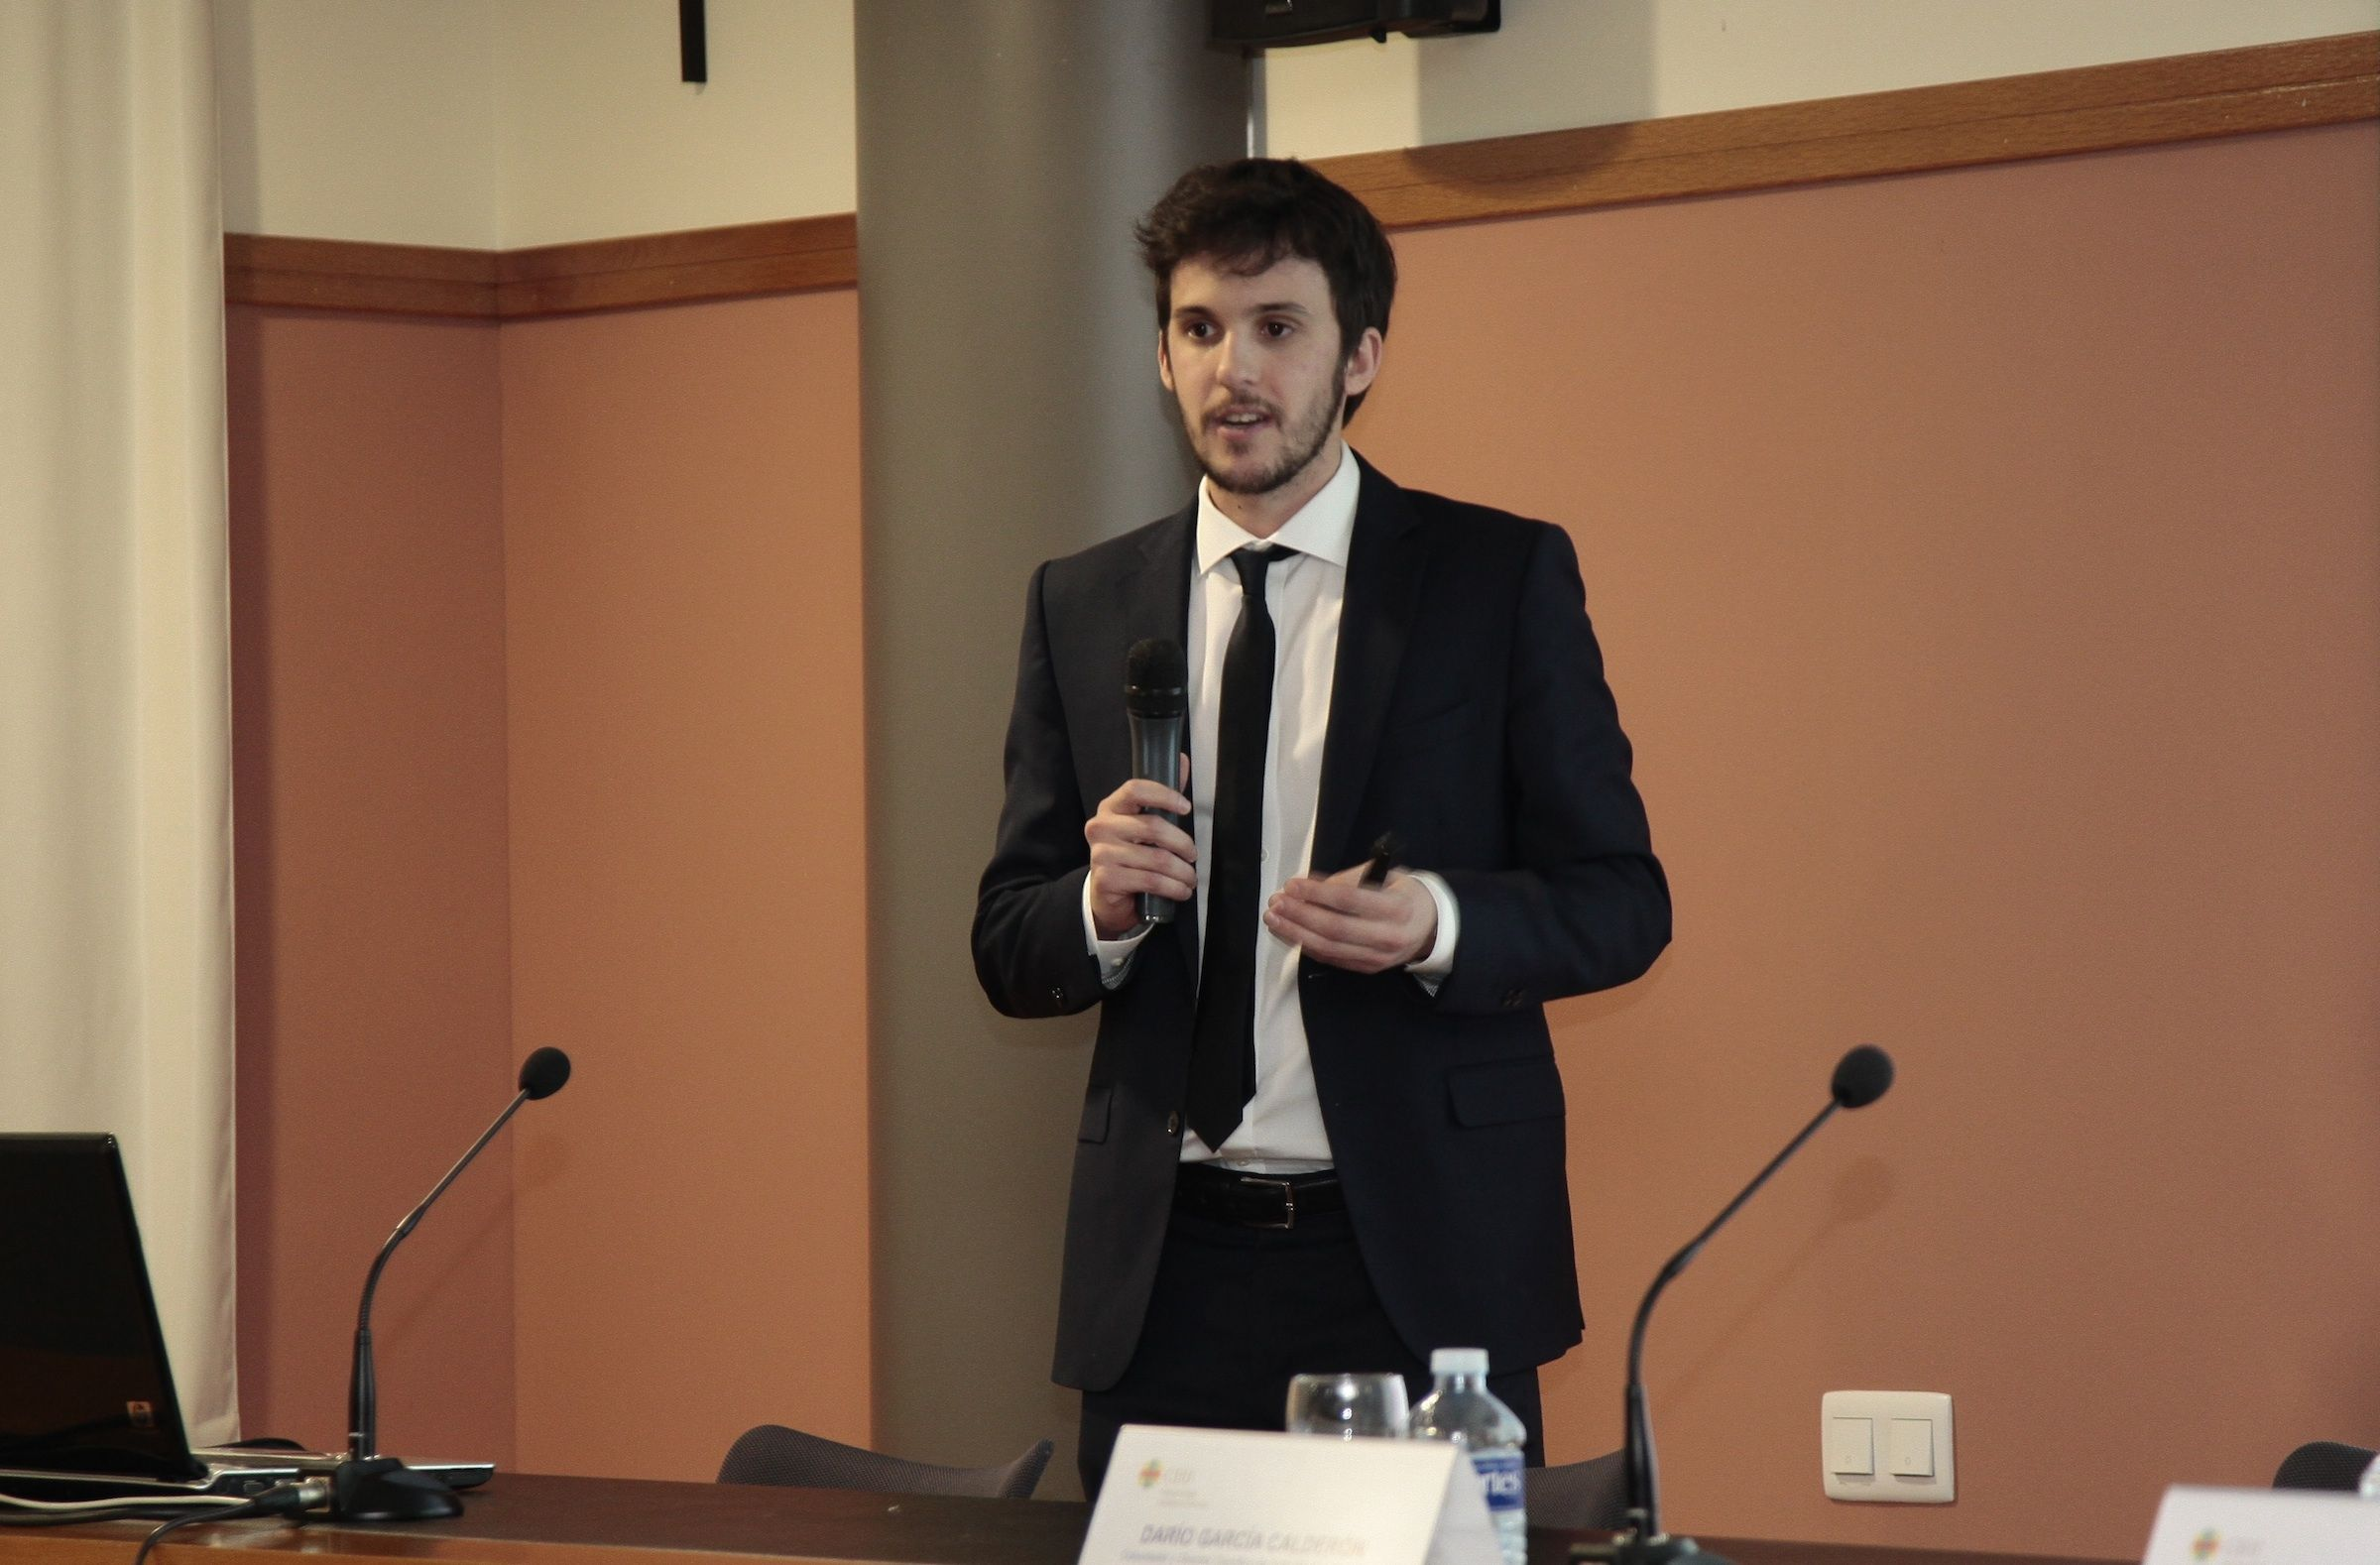 Darío García Calderón, explicó en CEU Descubre los avances de la impresión 3D en medicina y cirugía.